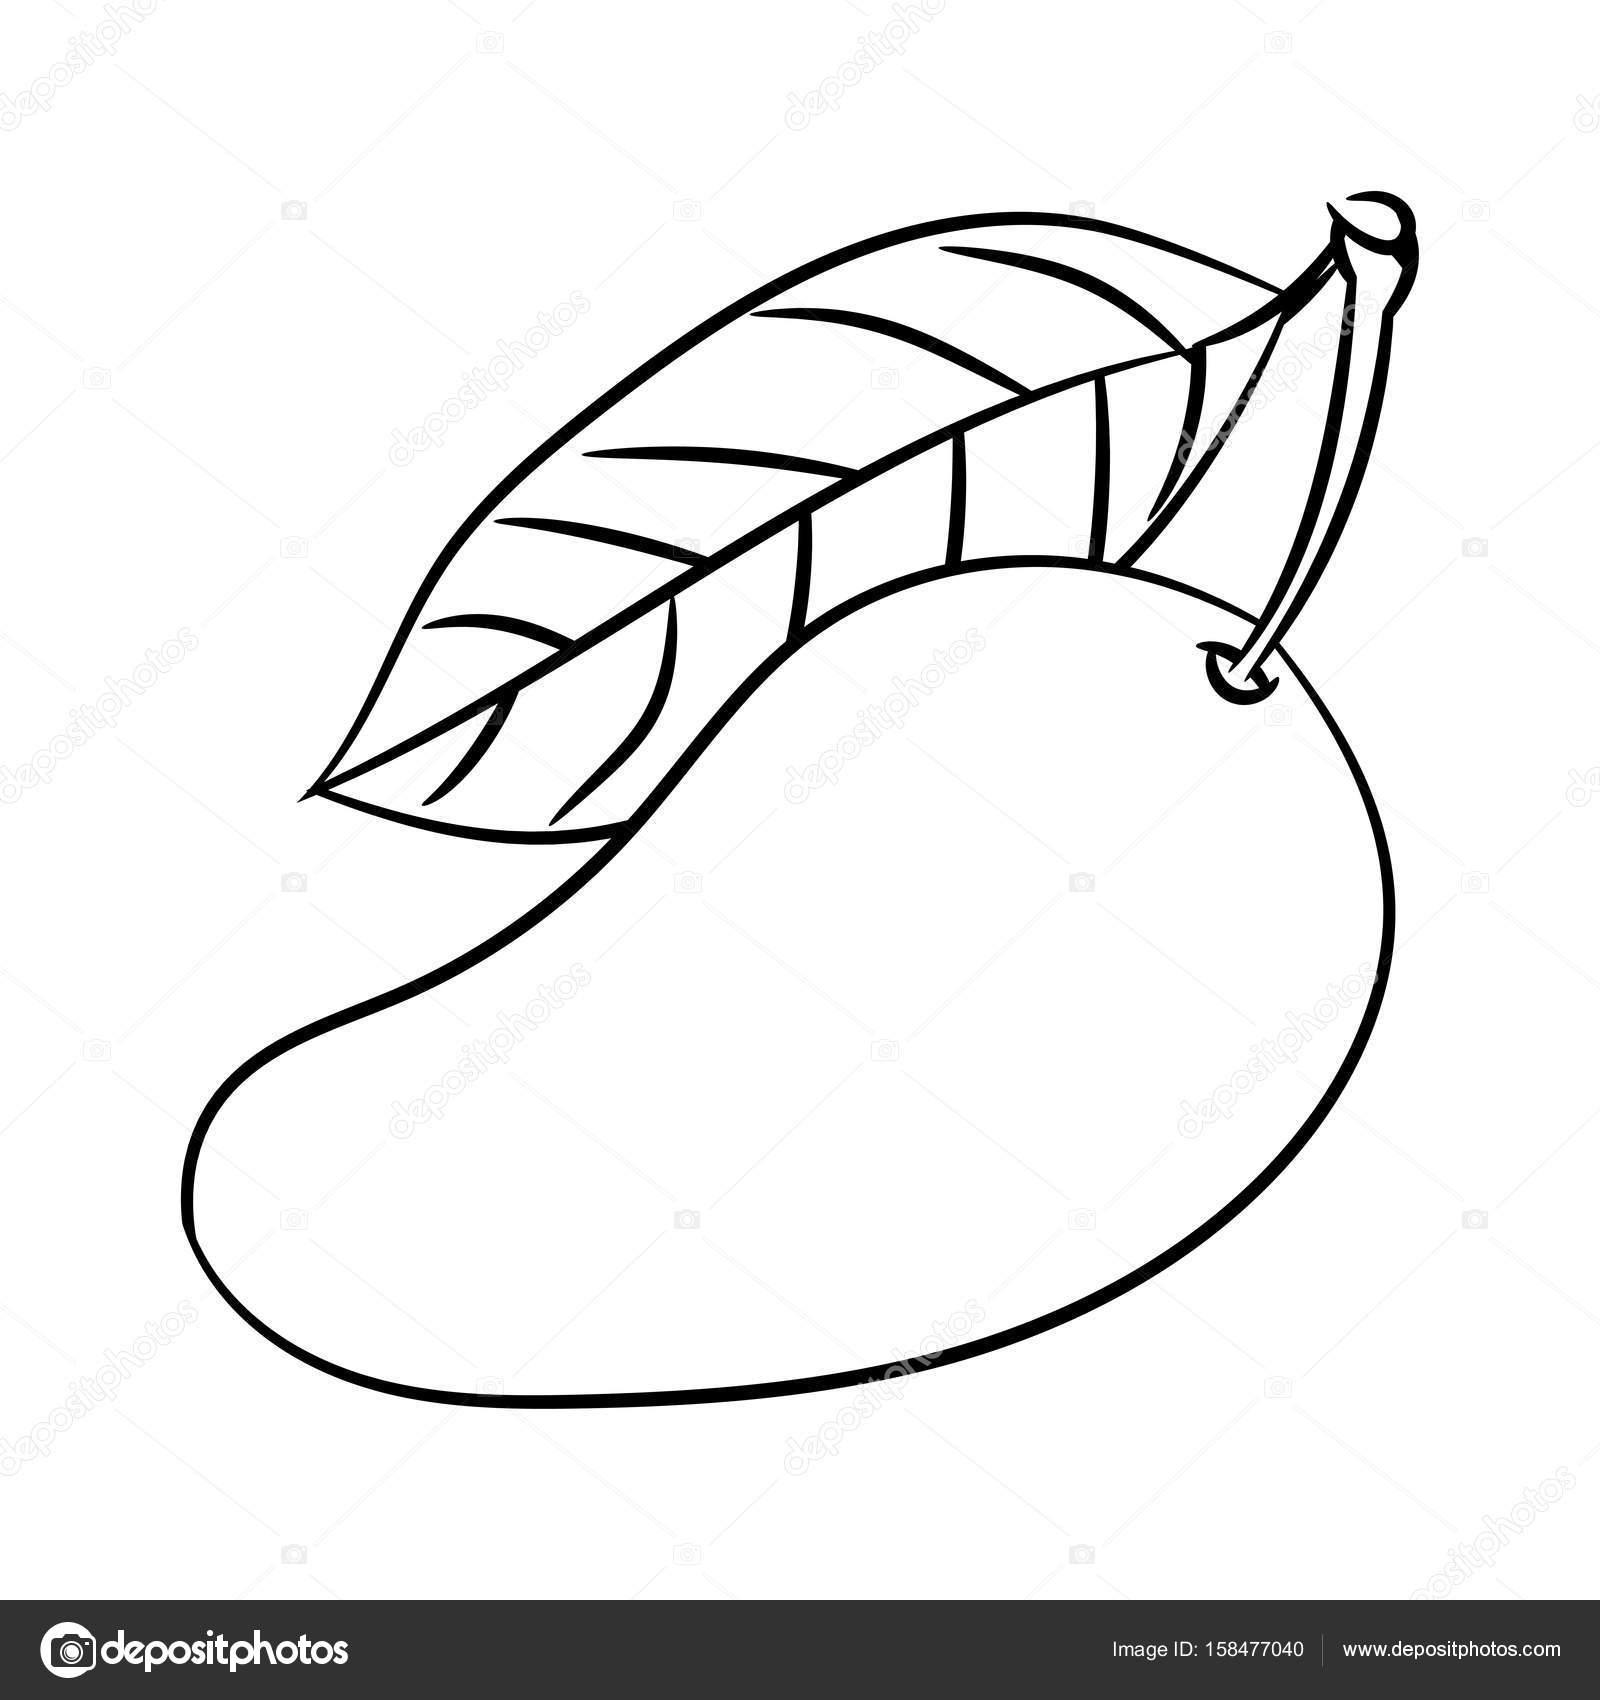 Dibujo de la línea de Mango-línea Simple Vector — Archivo Imágenes ...